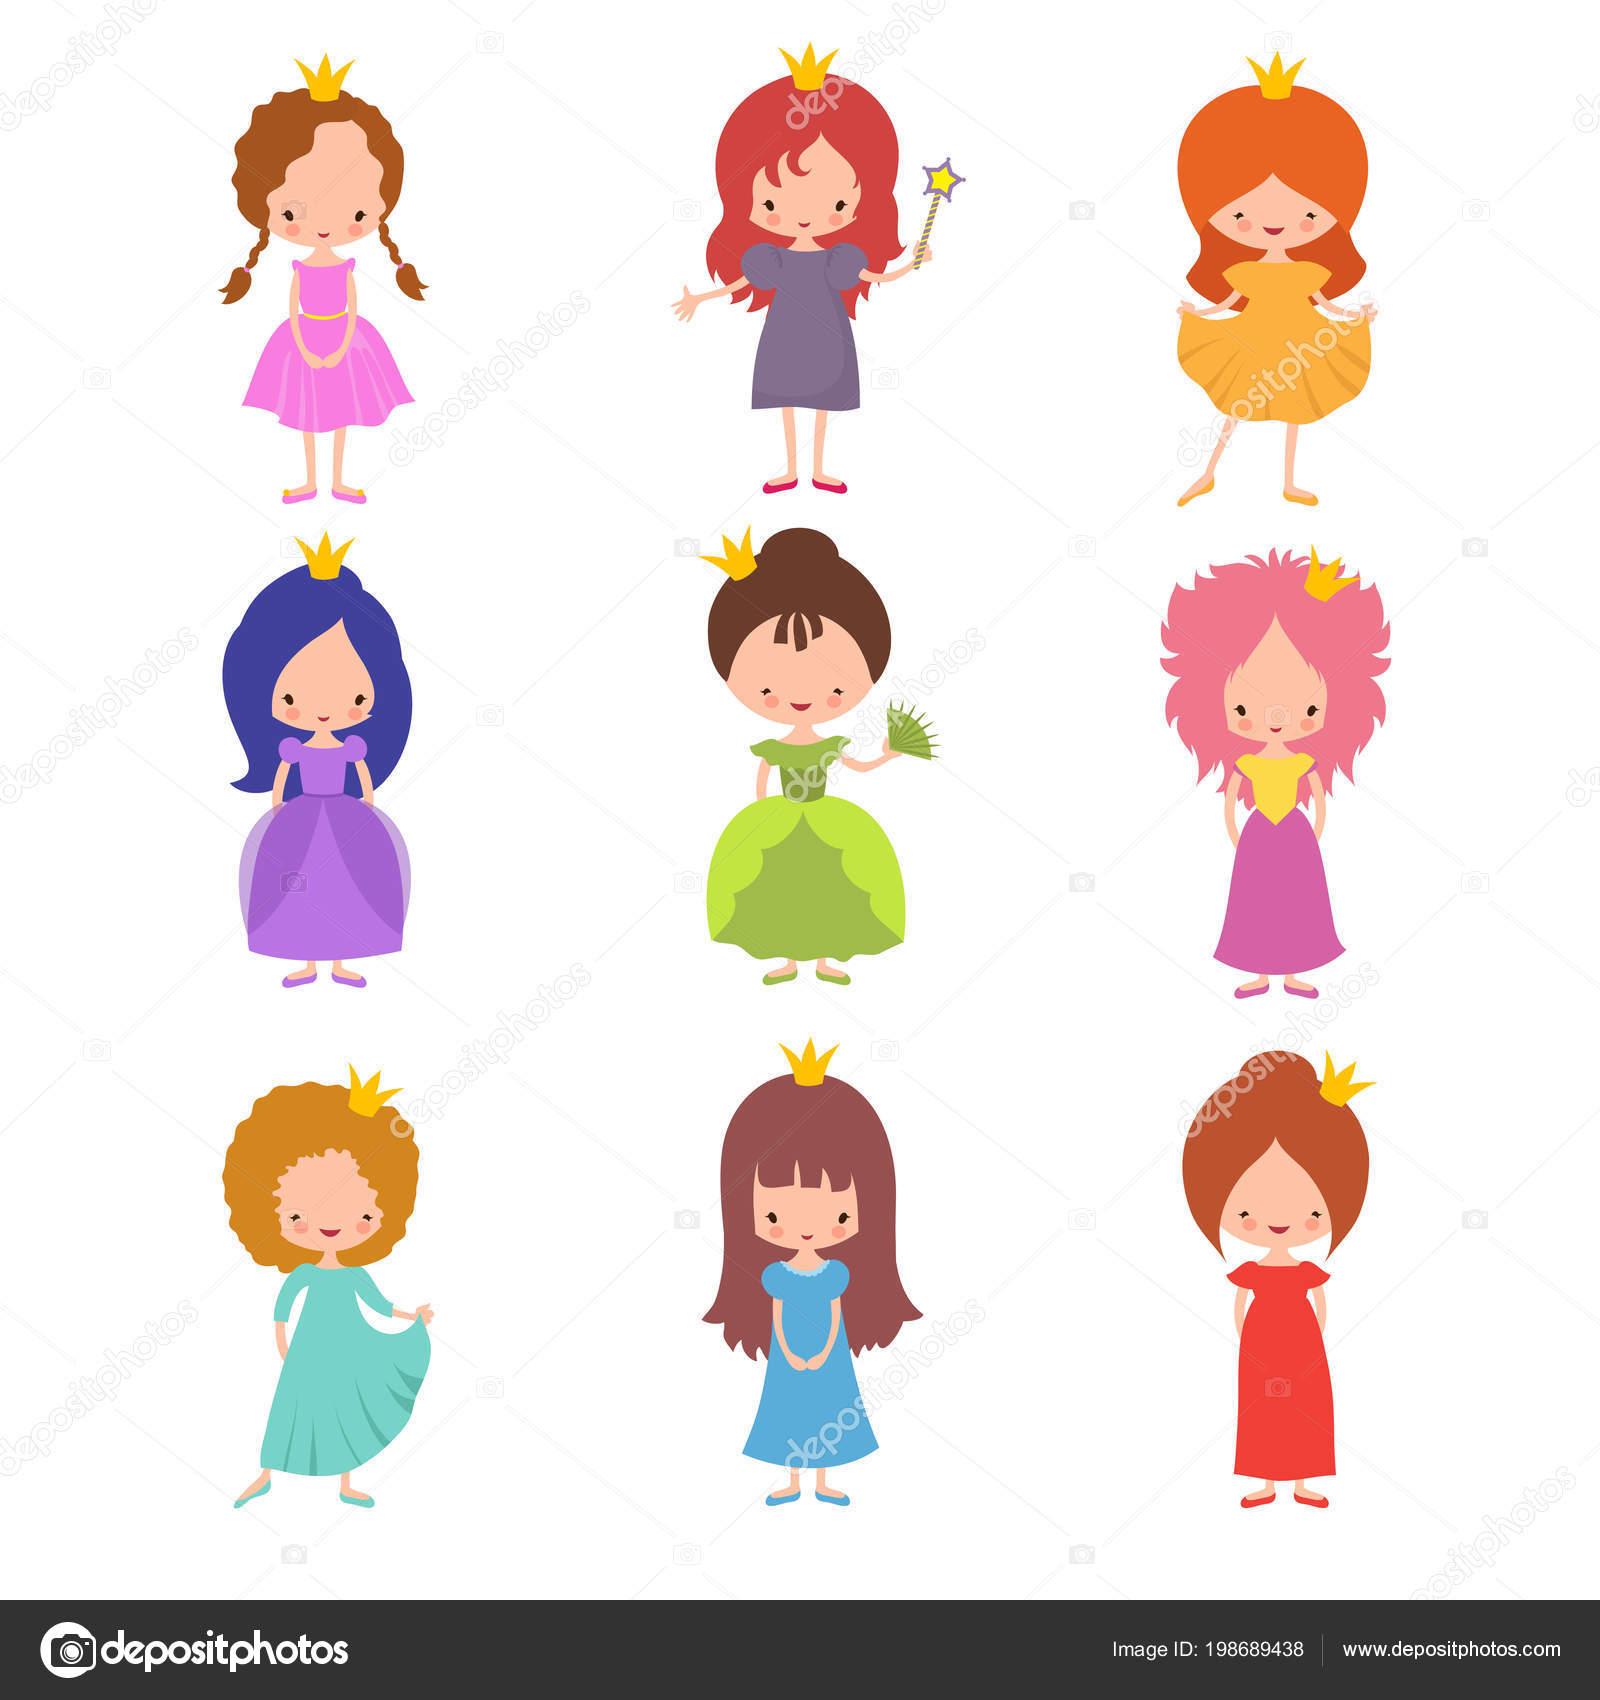 Little girl fashion show